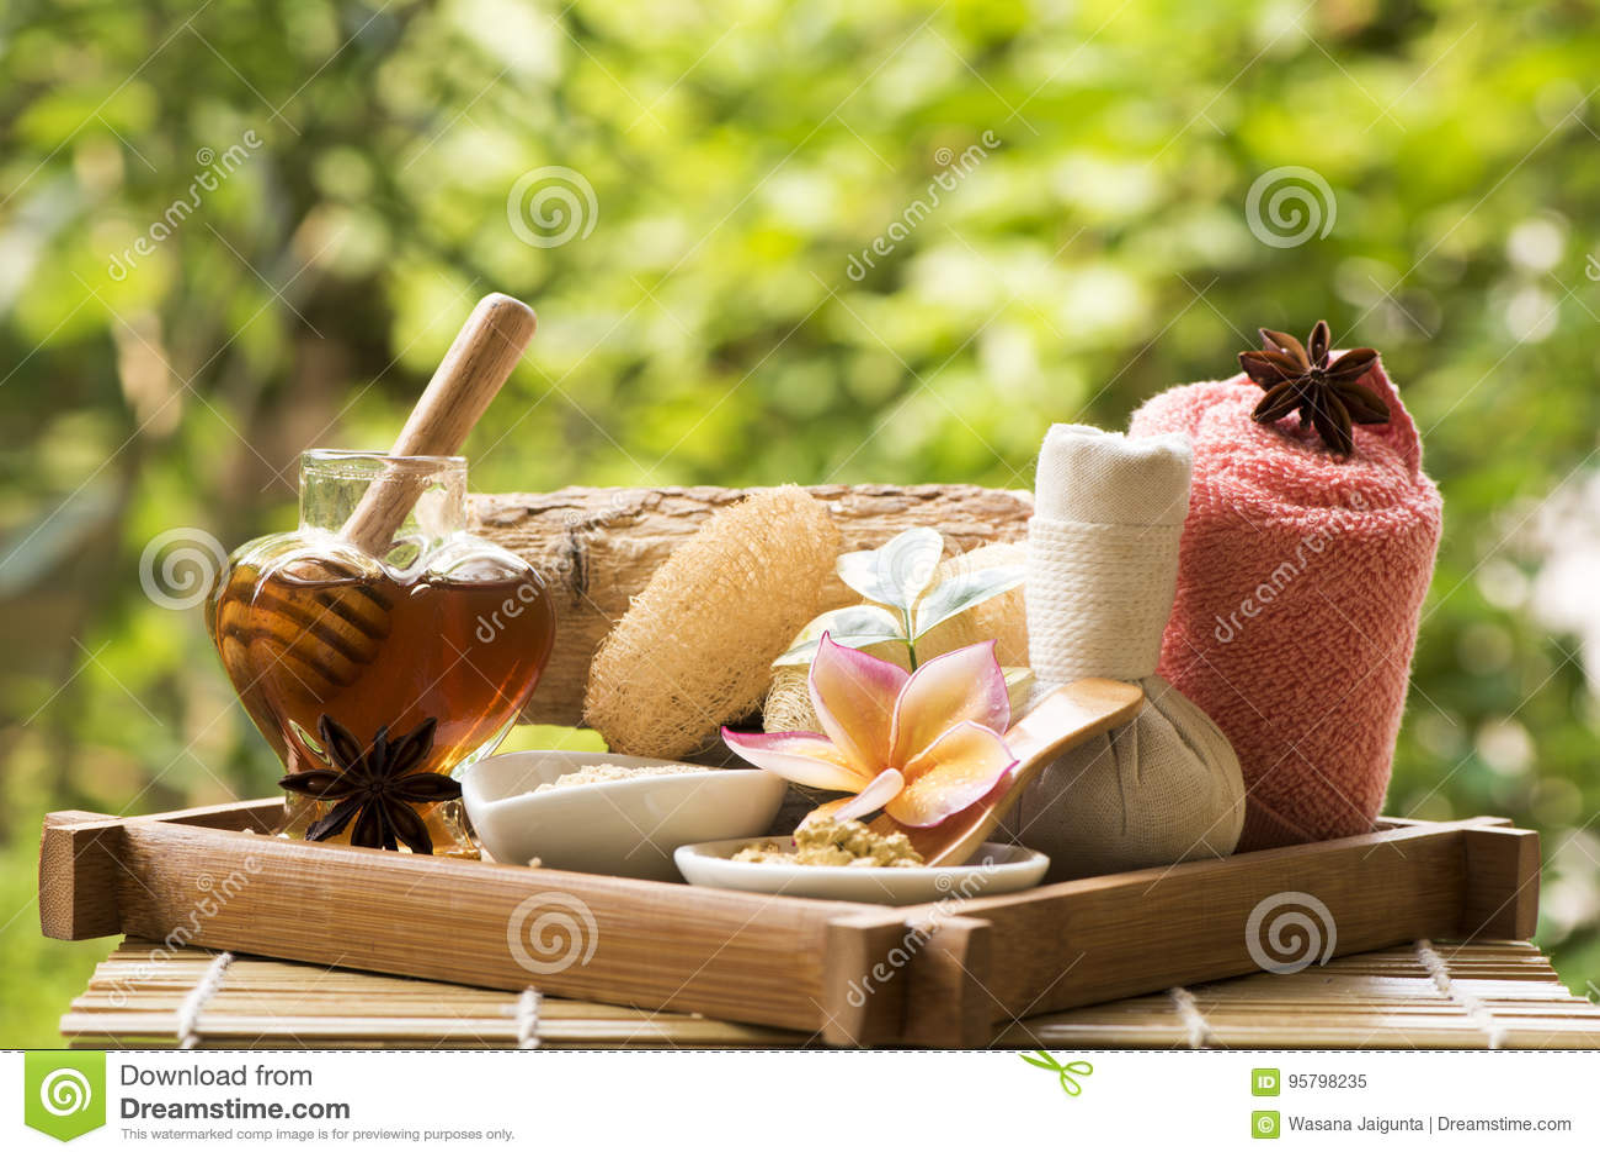 与Thanaka的面罩和蜂蜜,在自然本底的温泉治疗